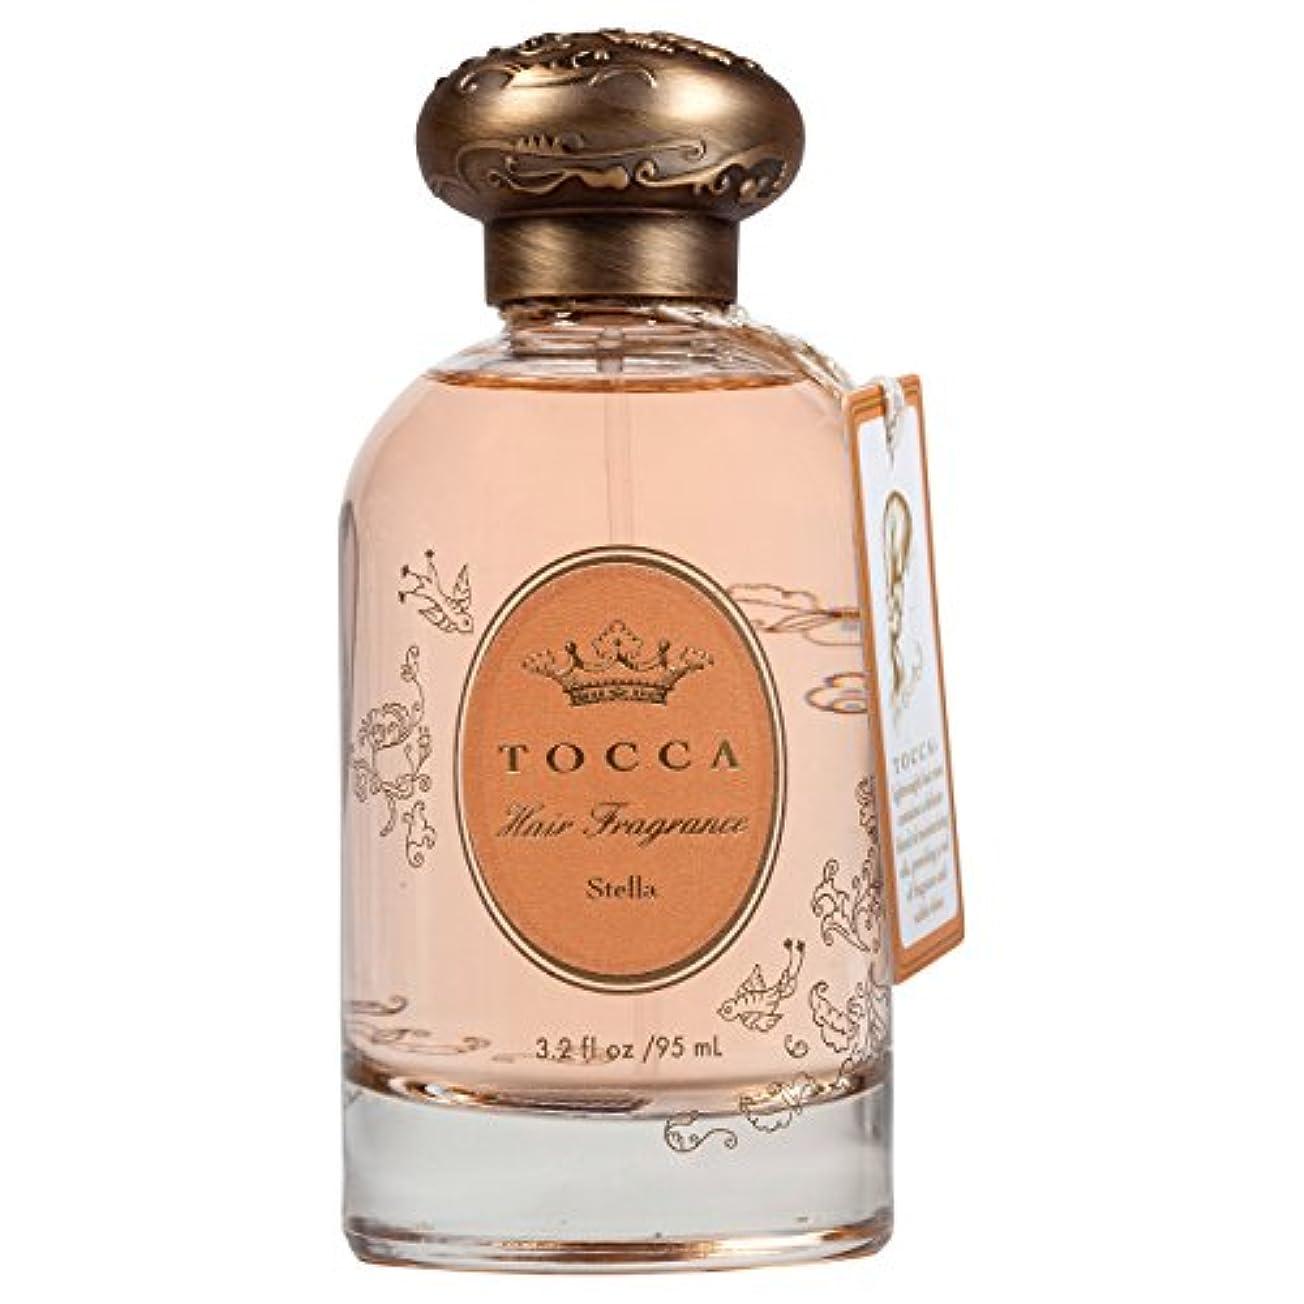 アクセス台風貸し手トッカ(TOCCA) ヘアフレグランスミスト ステラの香り 95ml